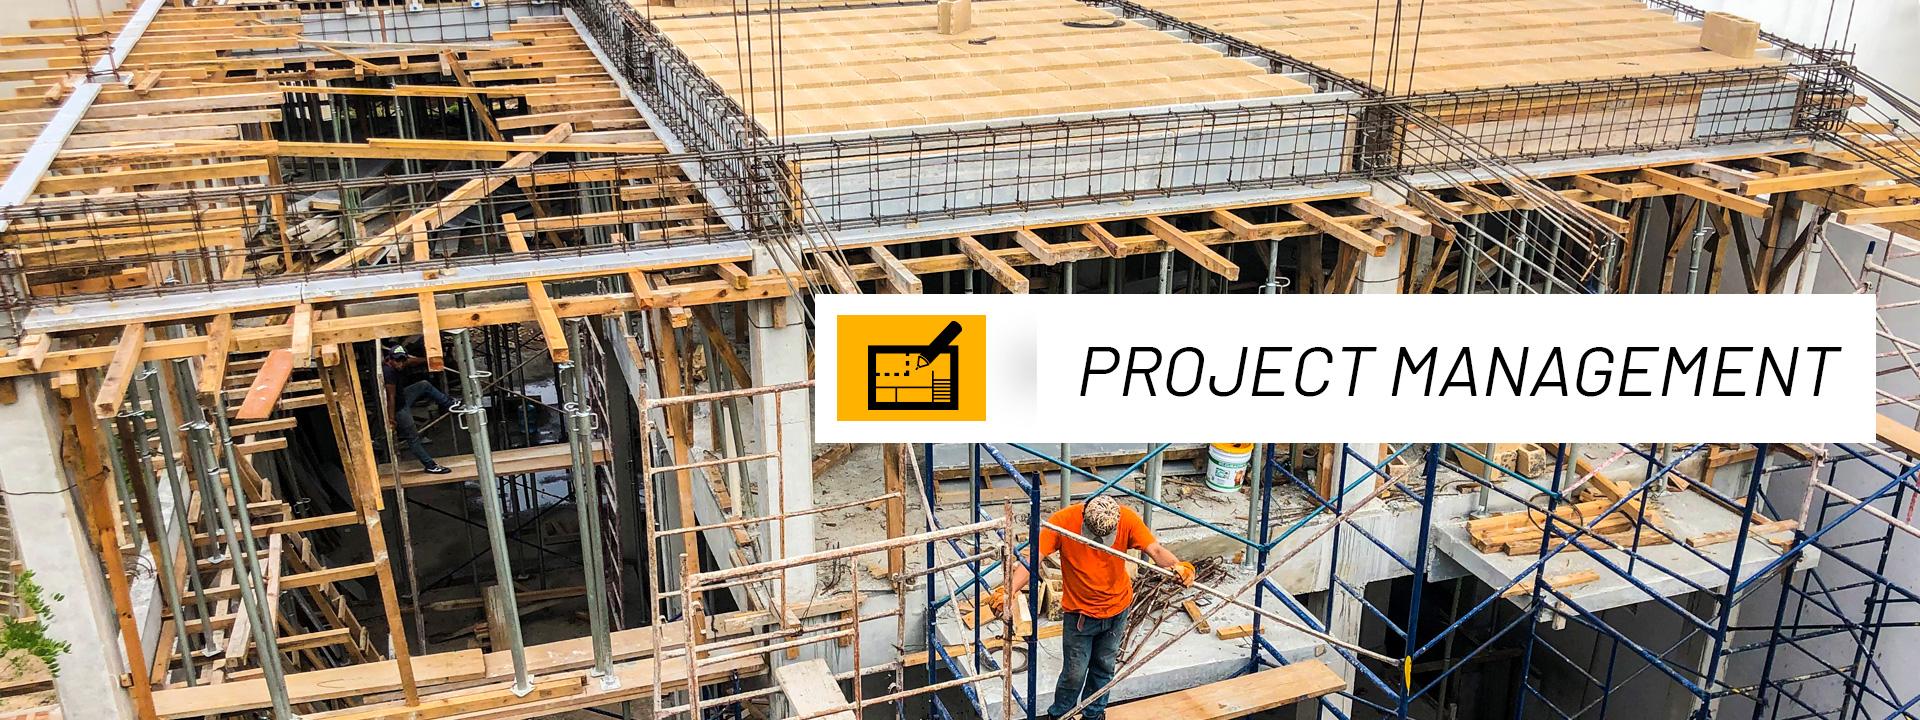 portada de project management